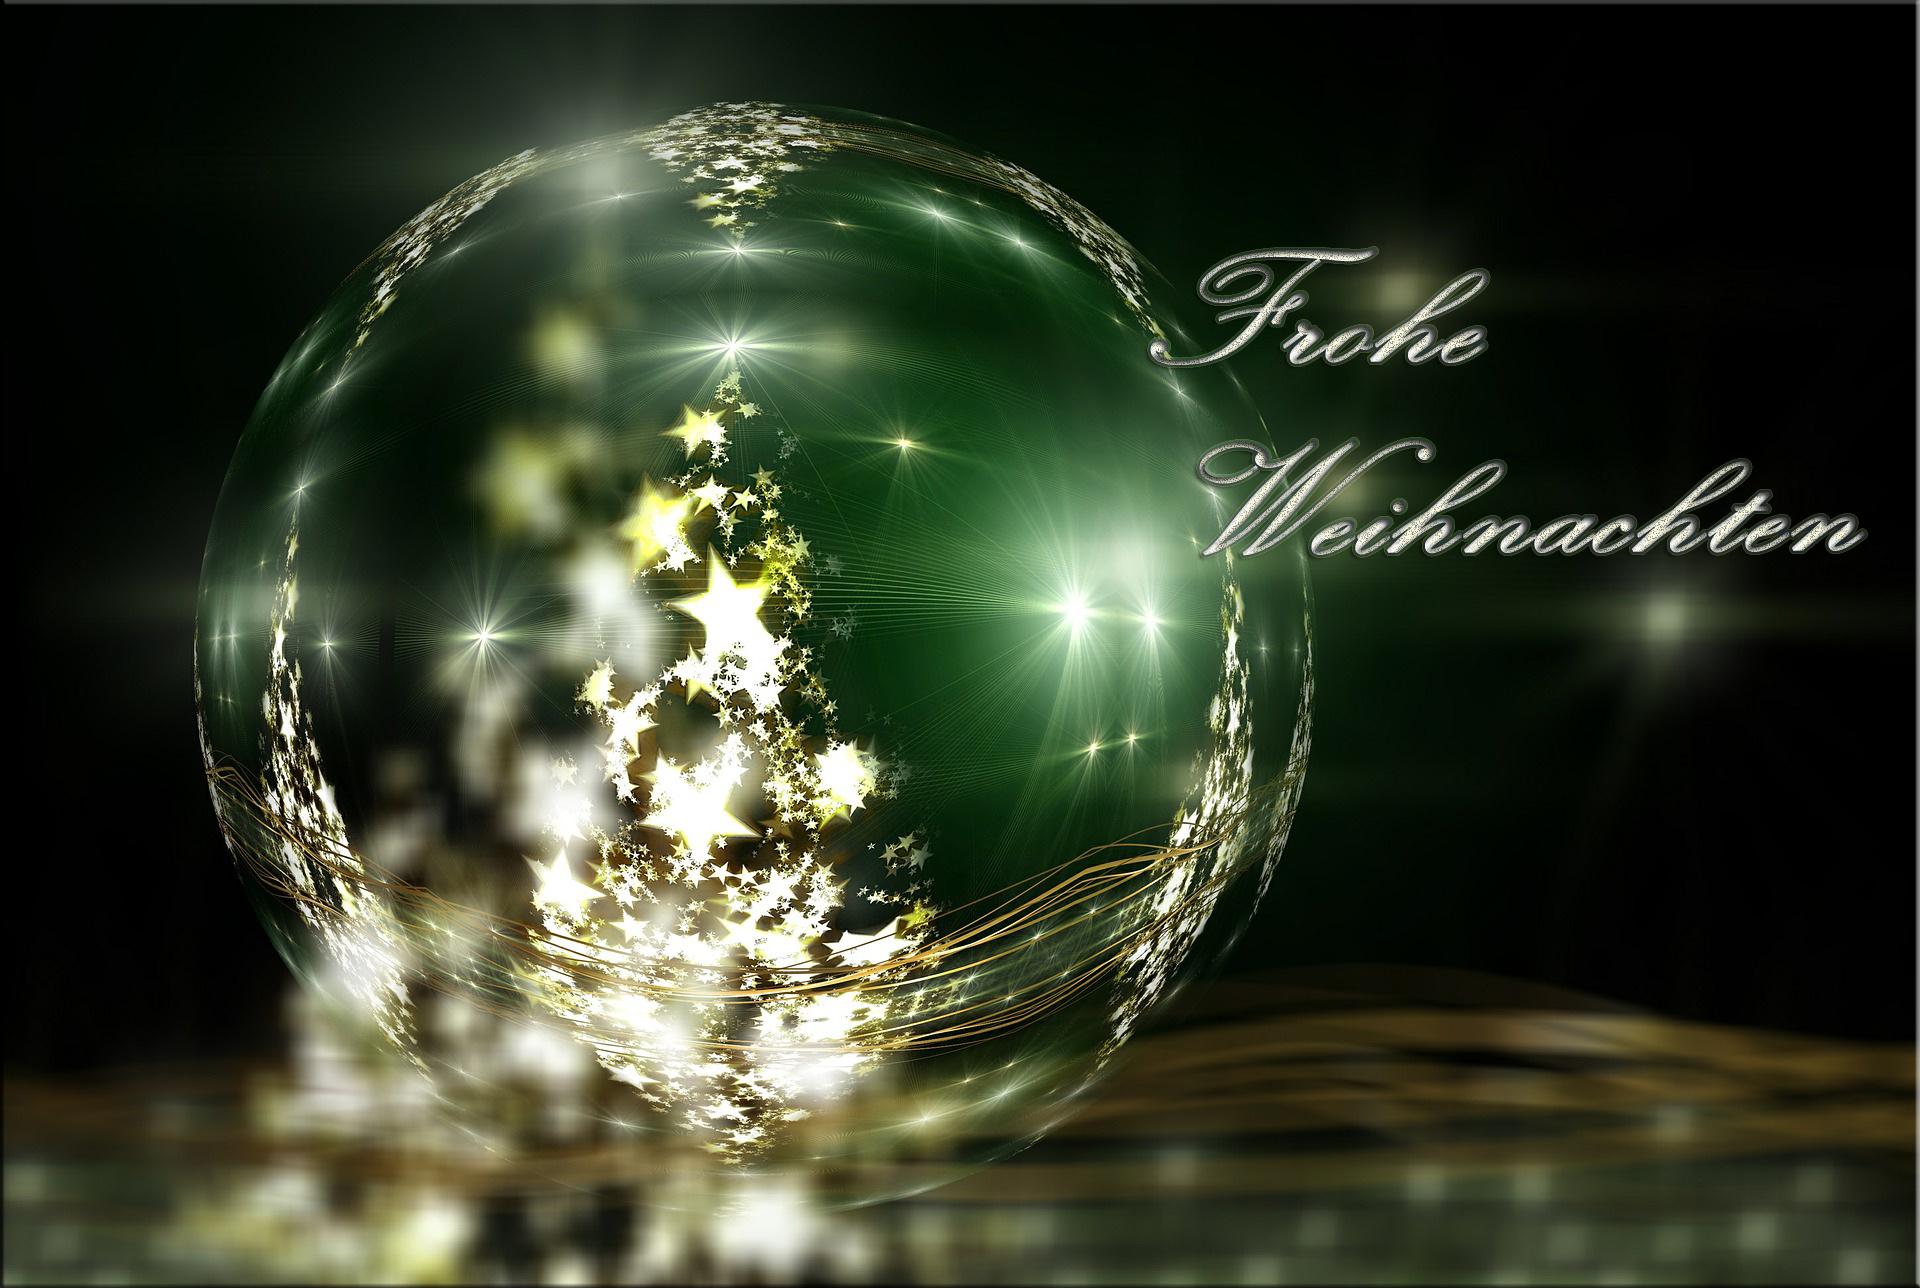 Bilder Frohe Weihnachten Und Ein Gutes Neues Jahr.Frohe Weihnachten Und Ein Gutes Neues Jahr 2015 Sentinel Haus Blog